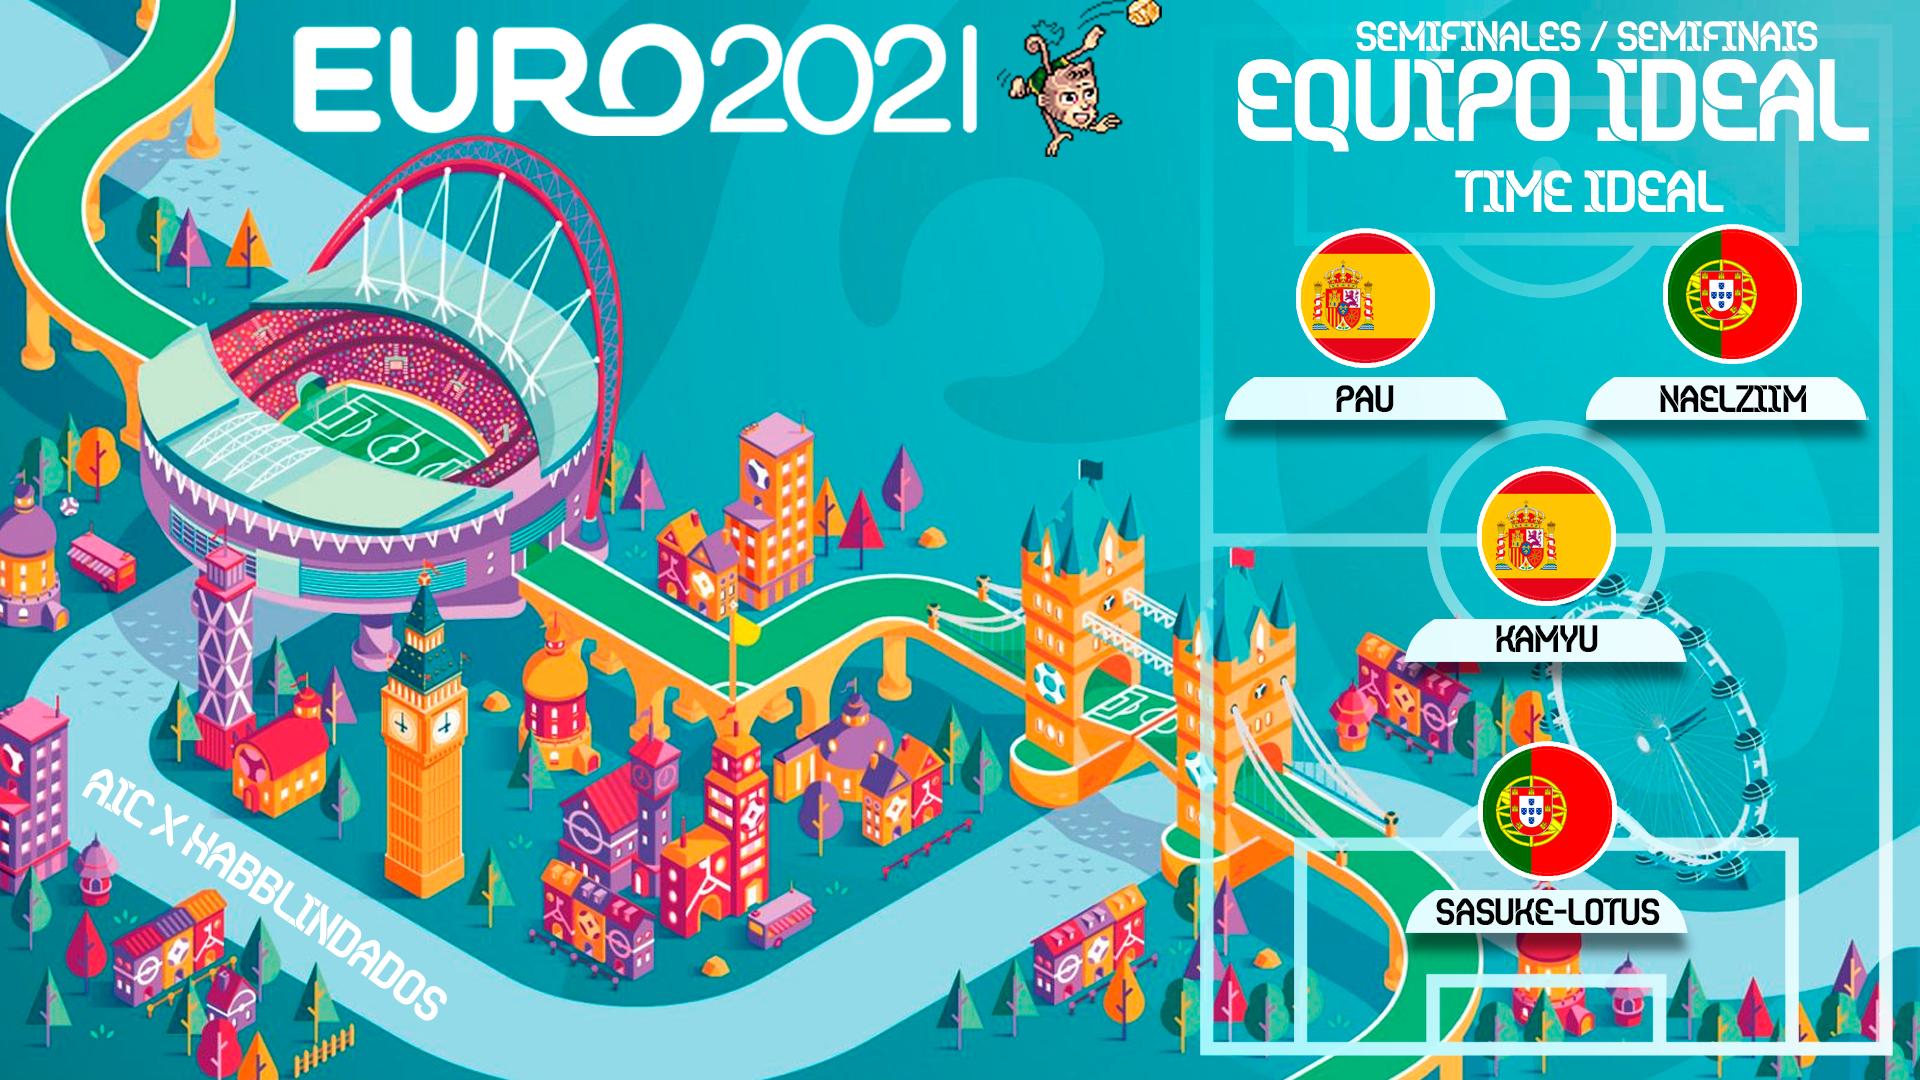 [AICv26] Resumen Final de la Euro Portugal 2021 & Euro U20 Portugal 2021 // Información Award's v26 CUATROIDEALSEMISu20